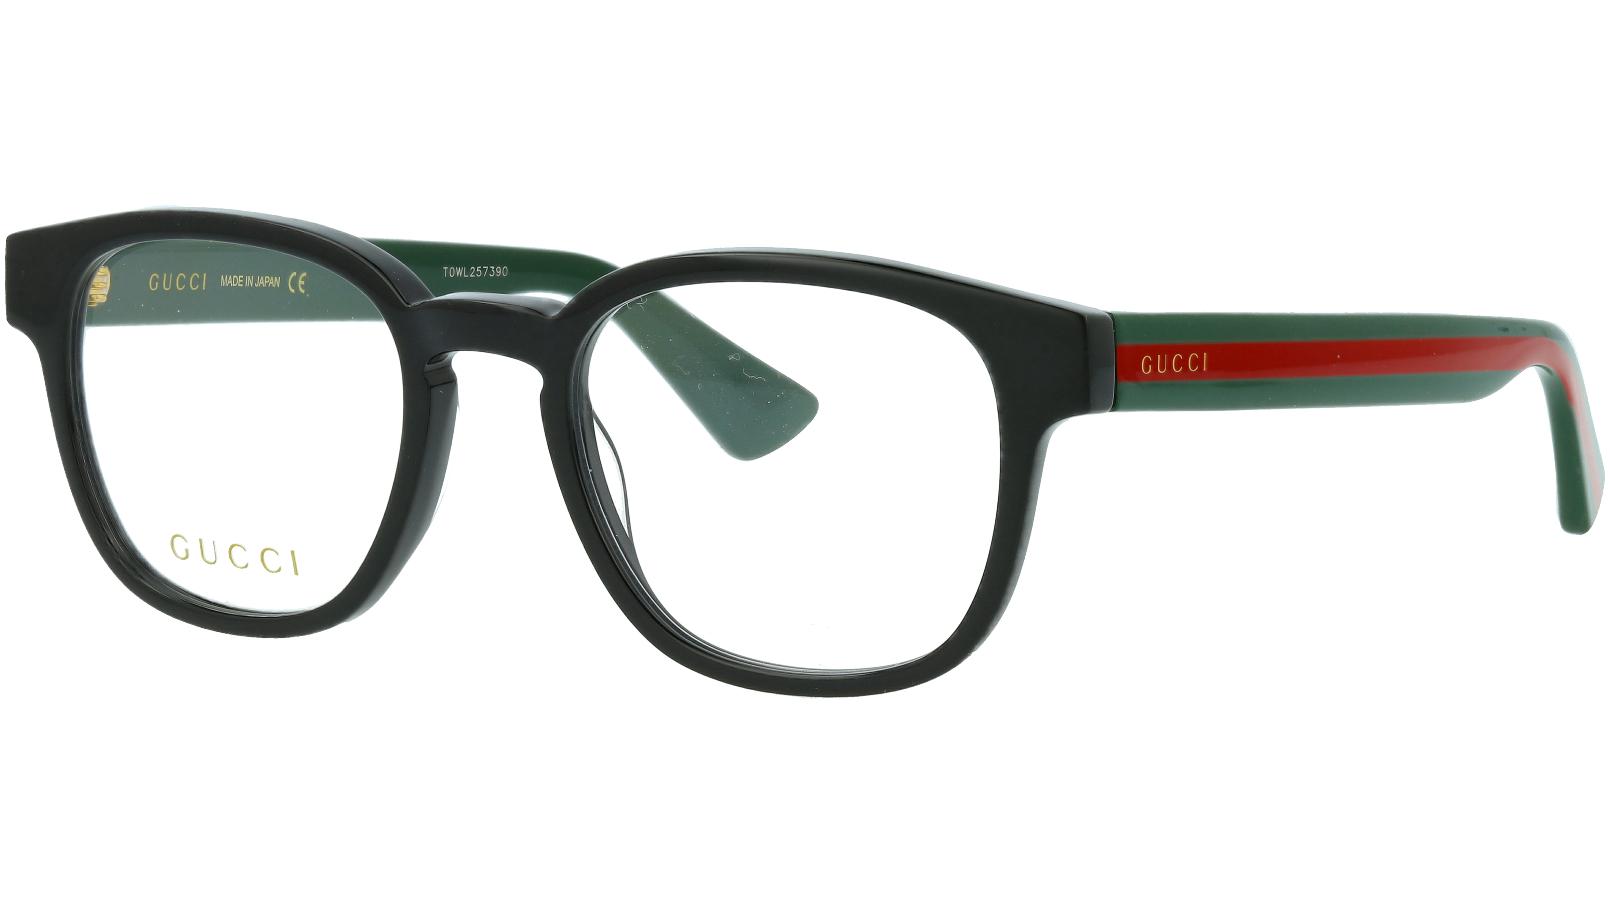 Gucci GG0927O 001 49 Black Square Glasses